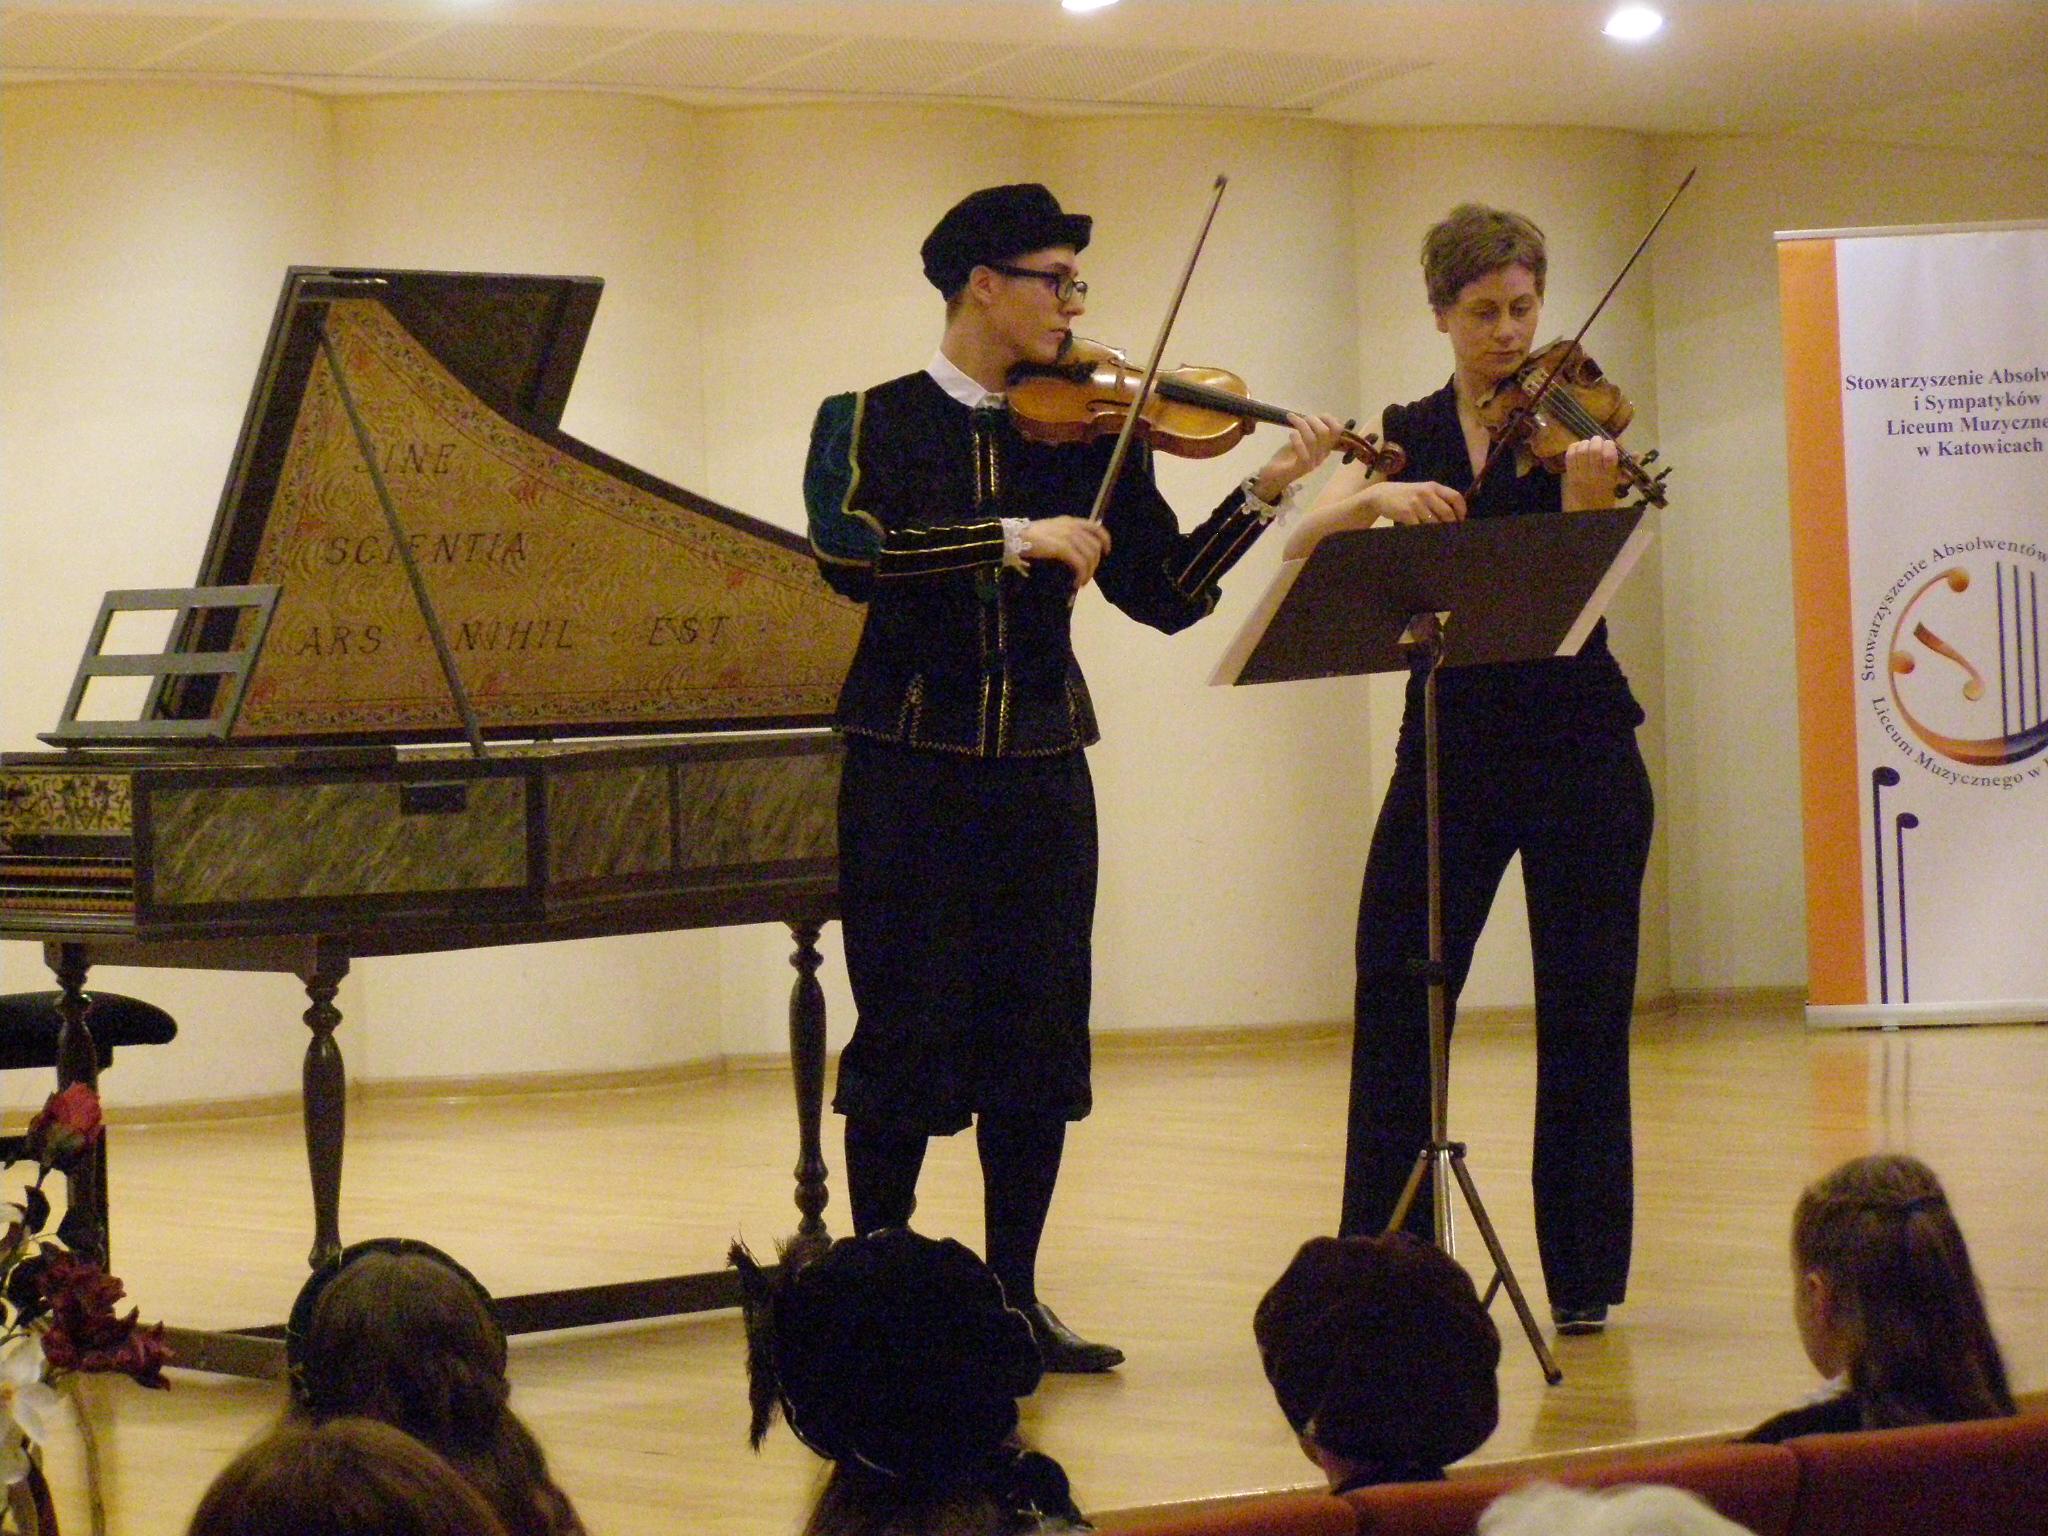 Taniec historyczny i muzyka dawna 2014